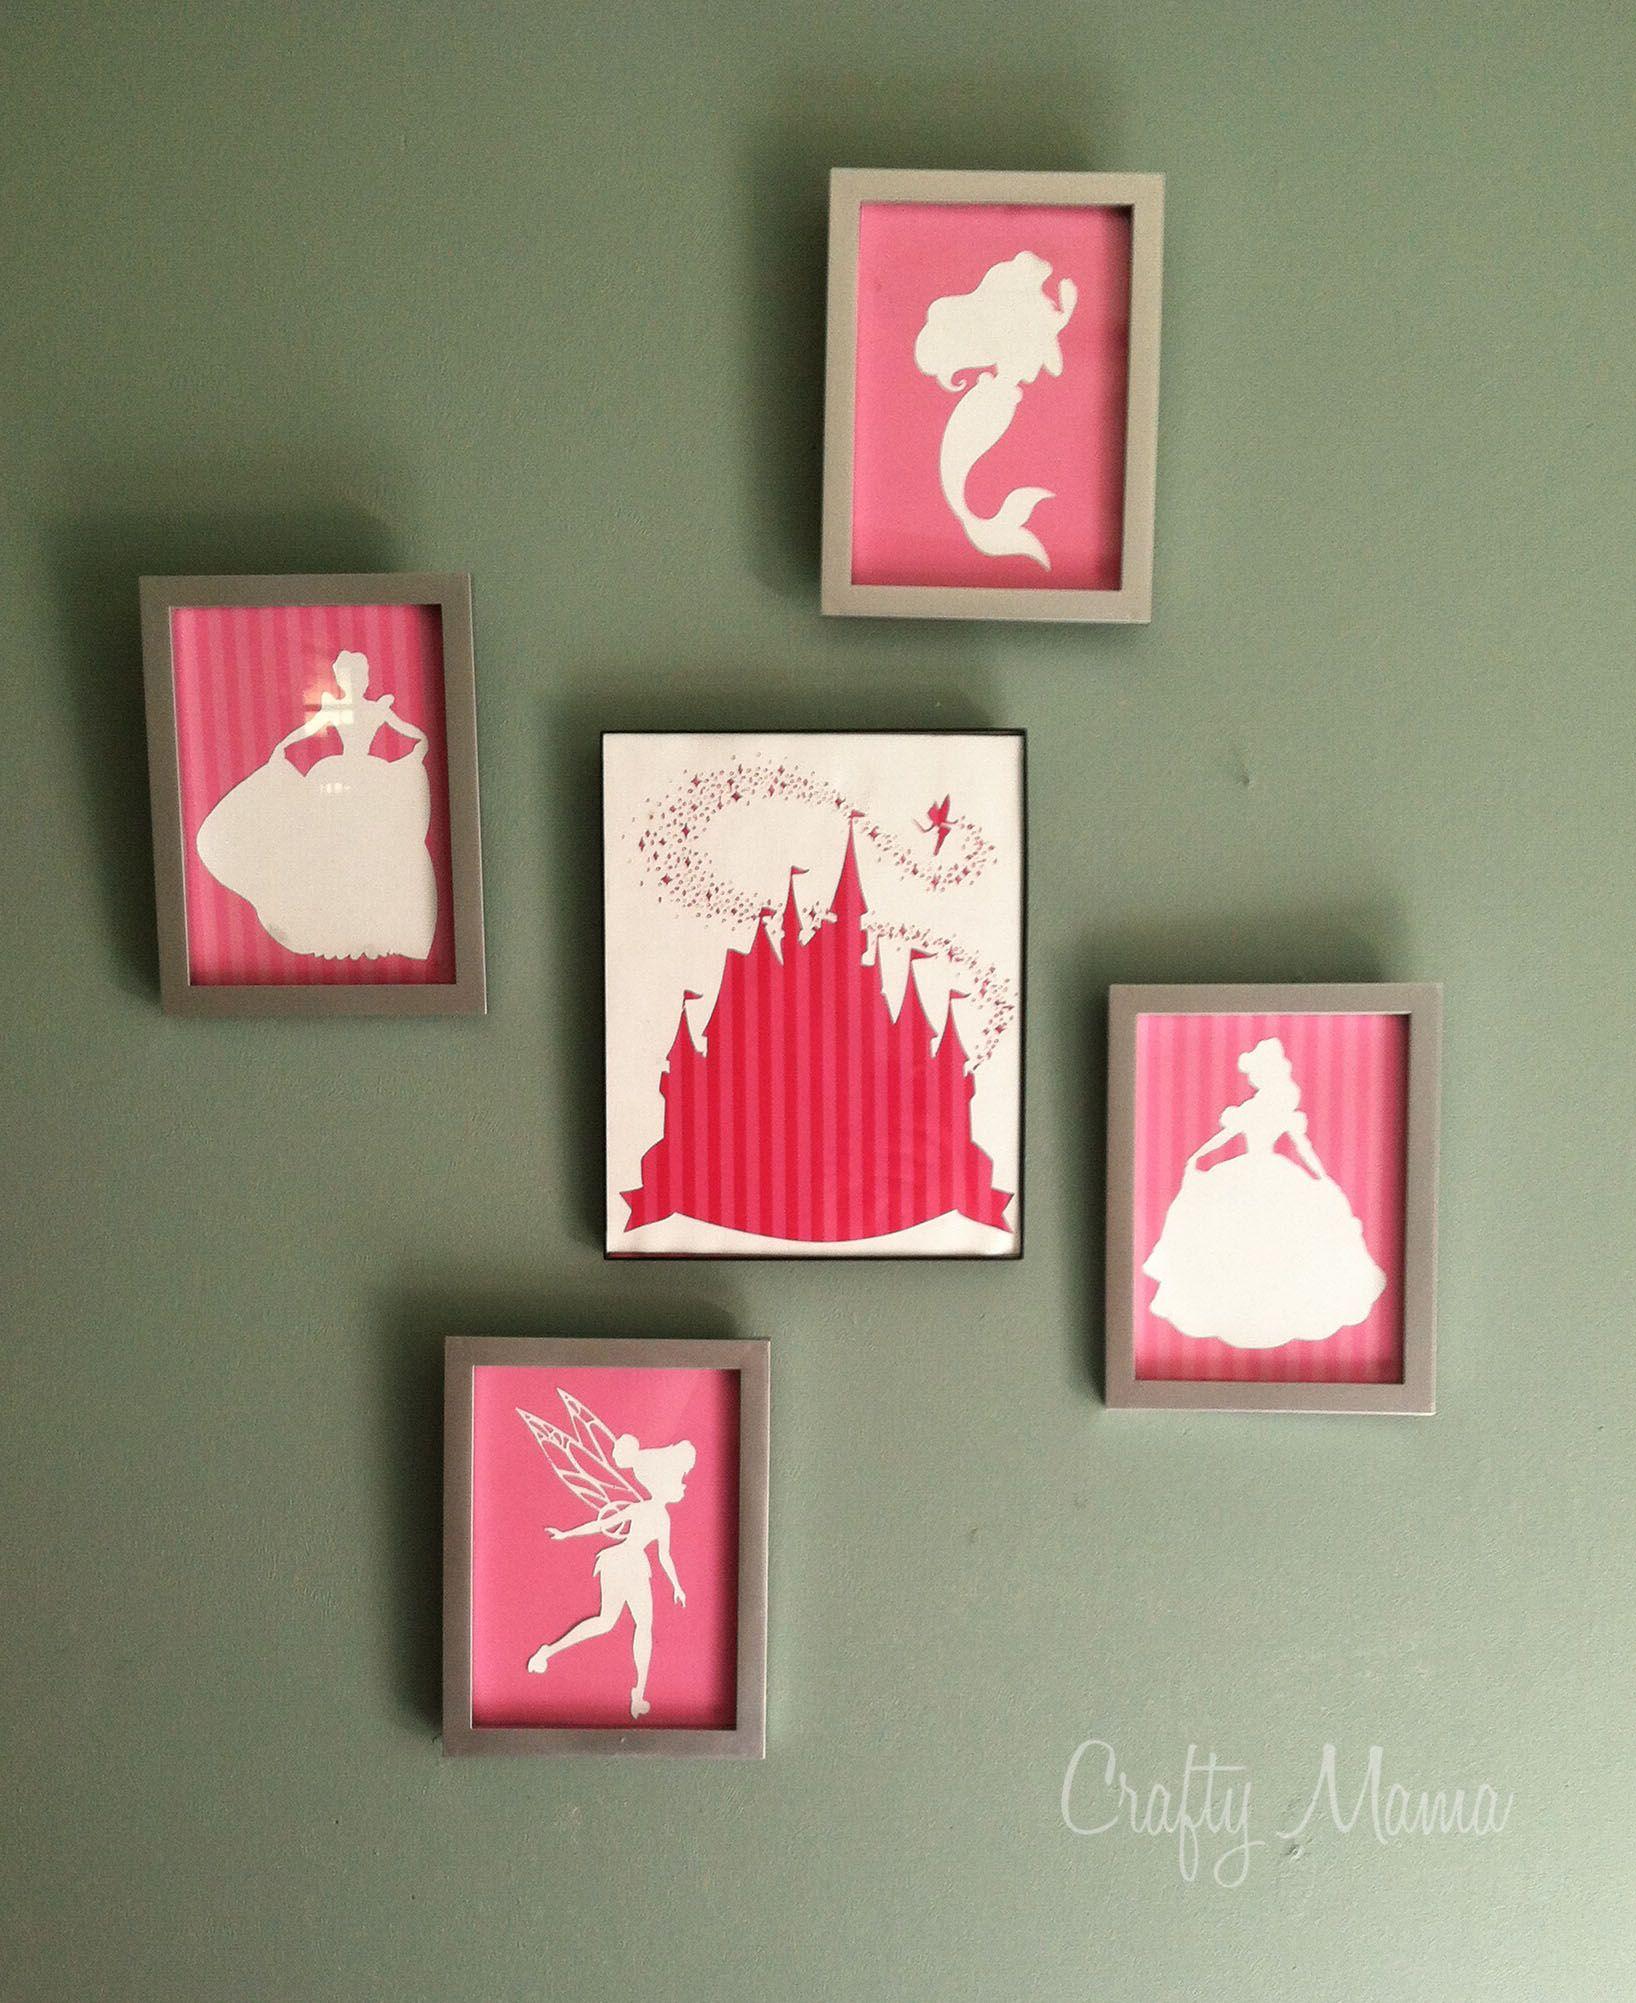 Disney Princess Wall Art  FREE DOWNLOAD! | Princess wall ...